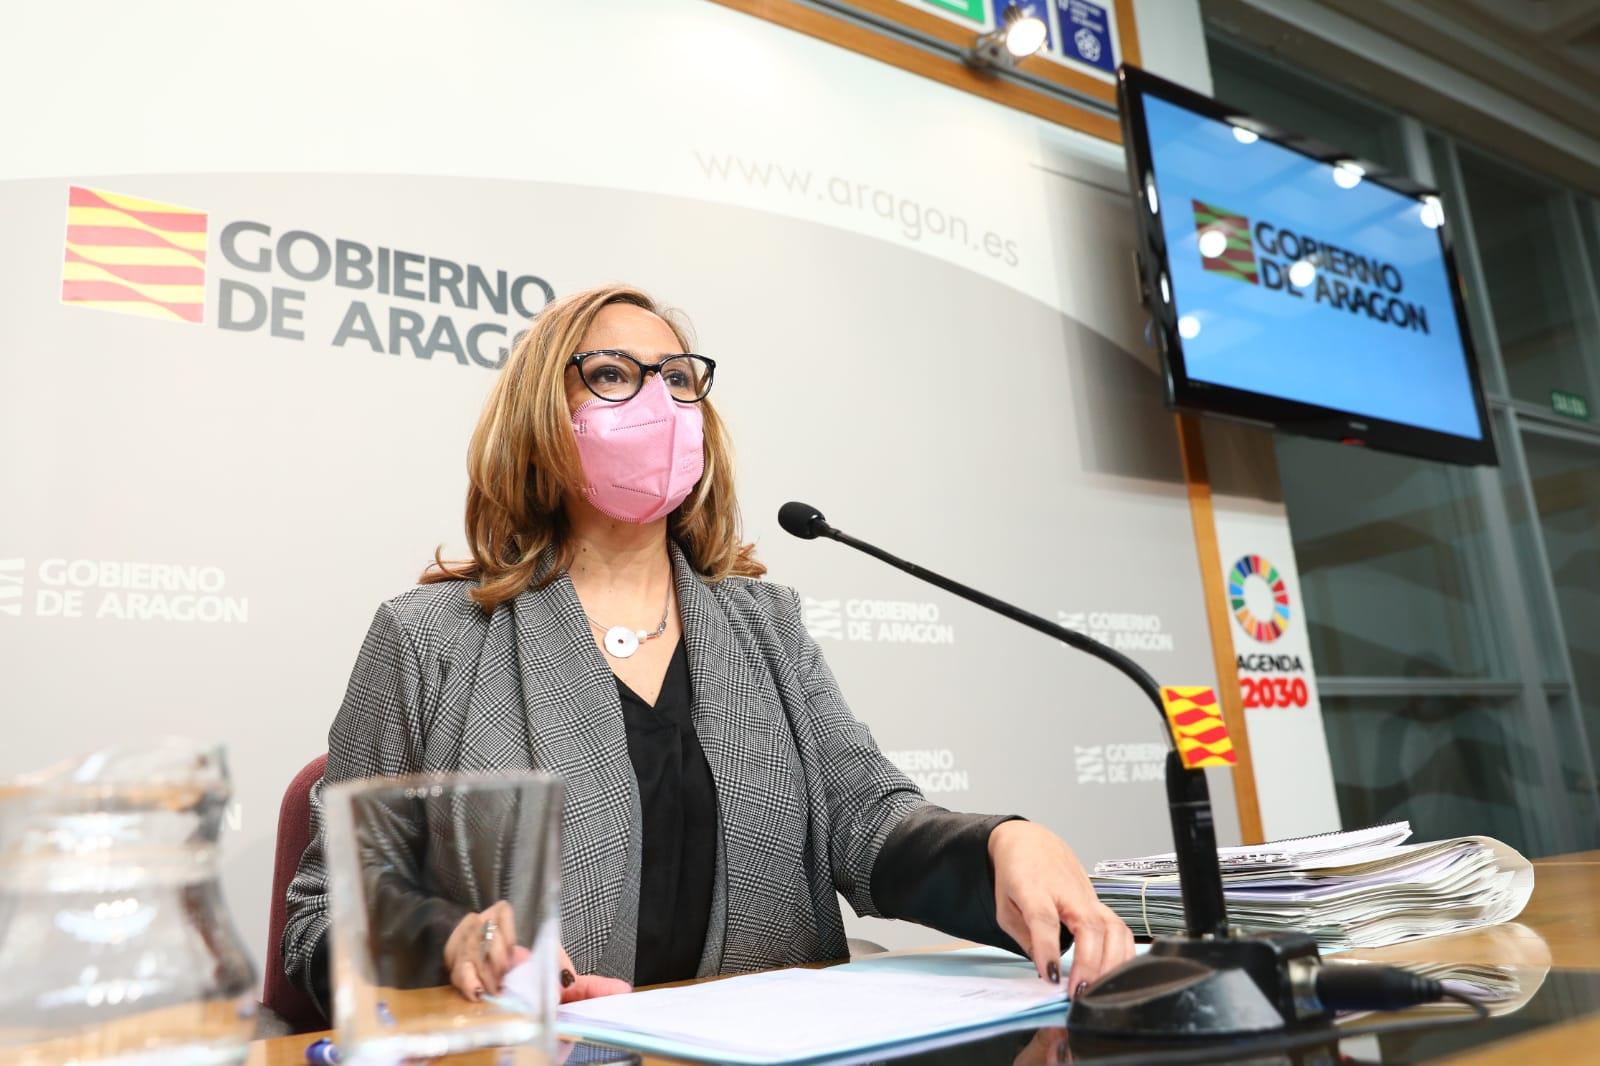 La consejera de Presidencia, Mayte Perez, ha informado sobre los asuntos tratados en el Consejo de Gobierno / DGA